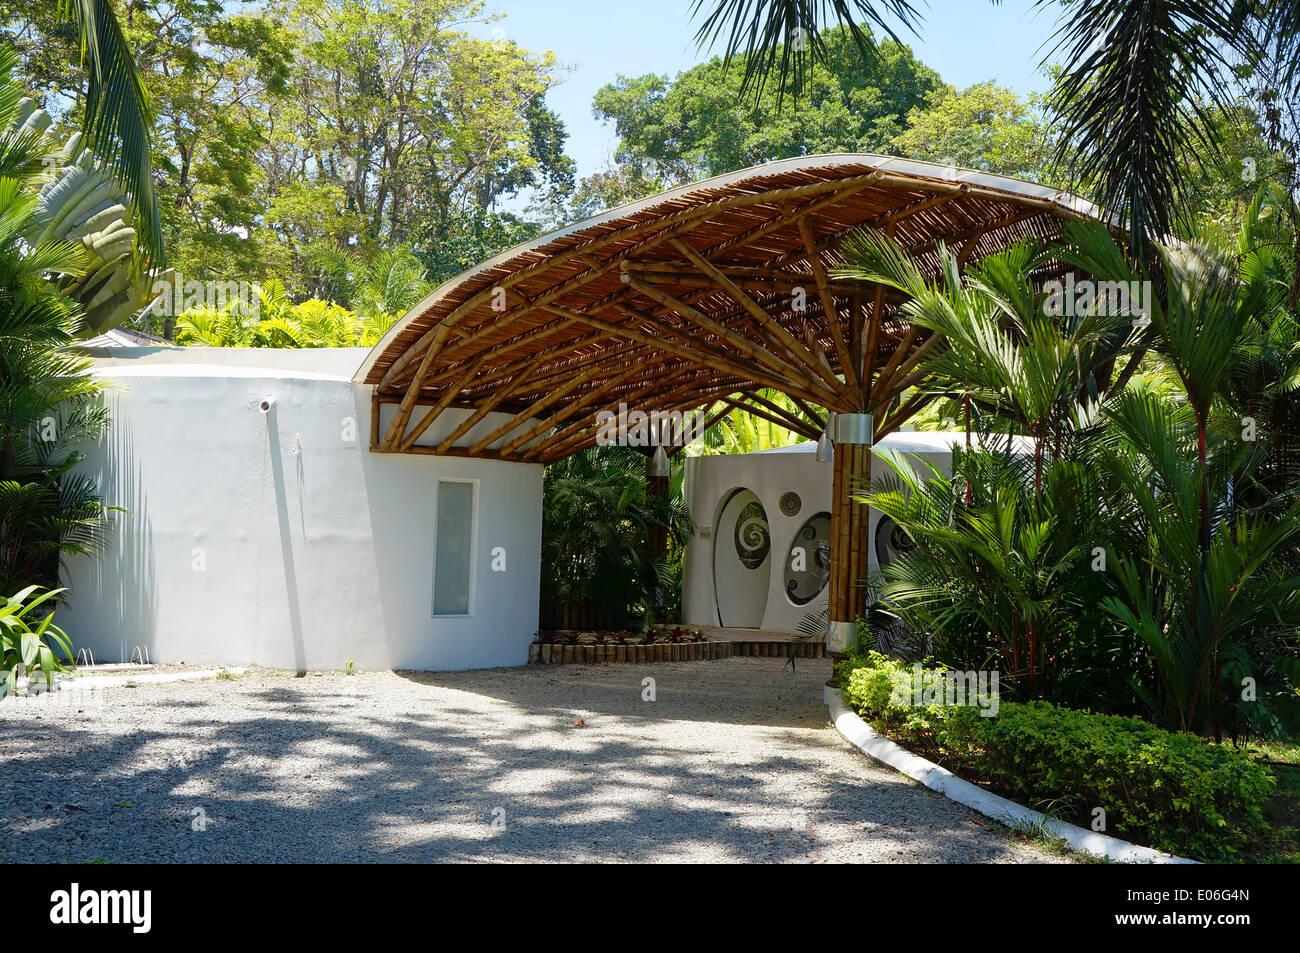 La arquitectura tropical, entrada cubierta hecha con bambú, Caribe, Puerto Viejo, Costa Rica Imagen De Stock